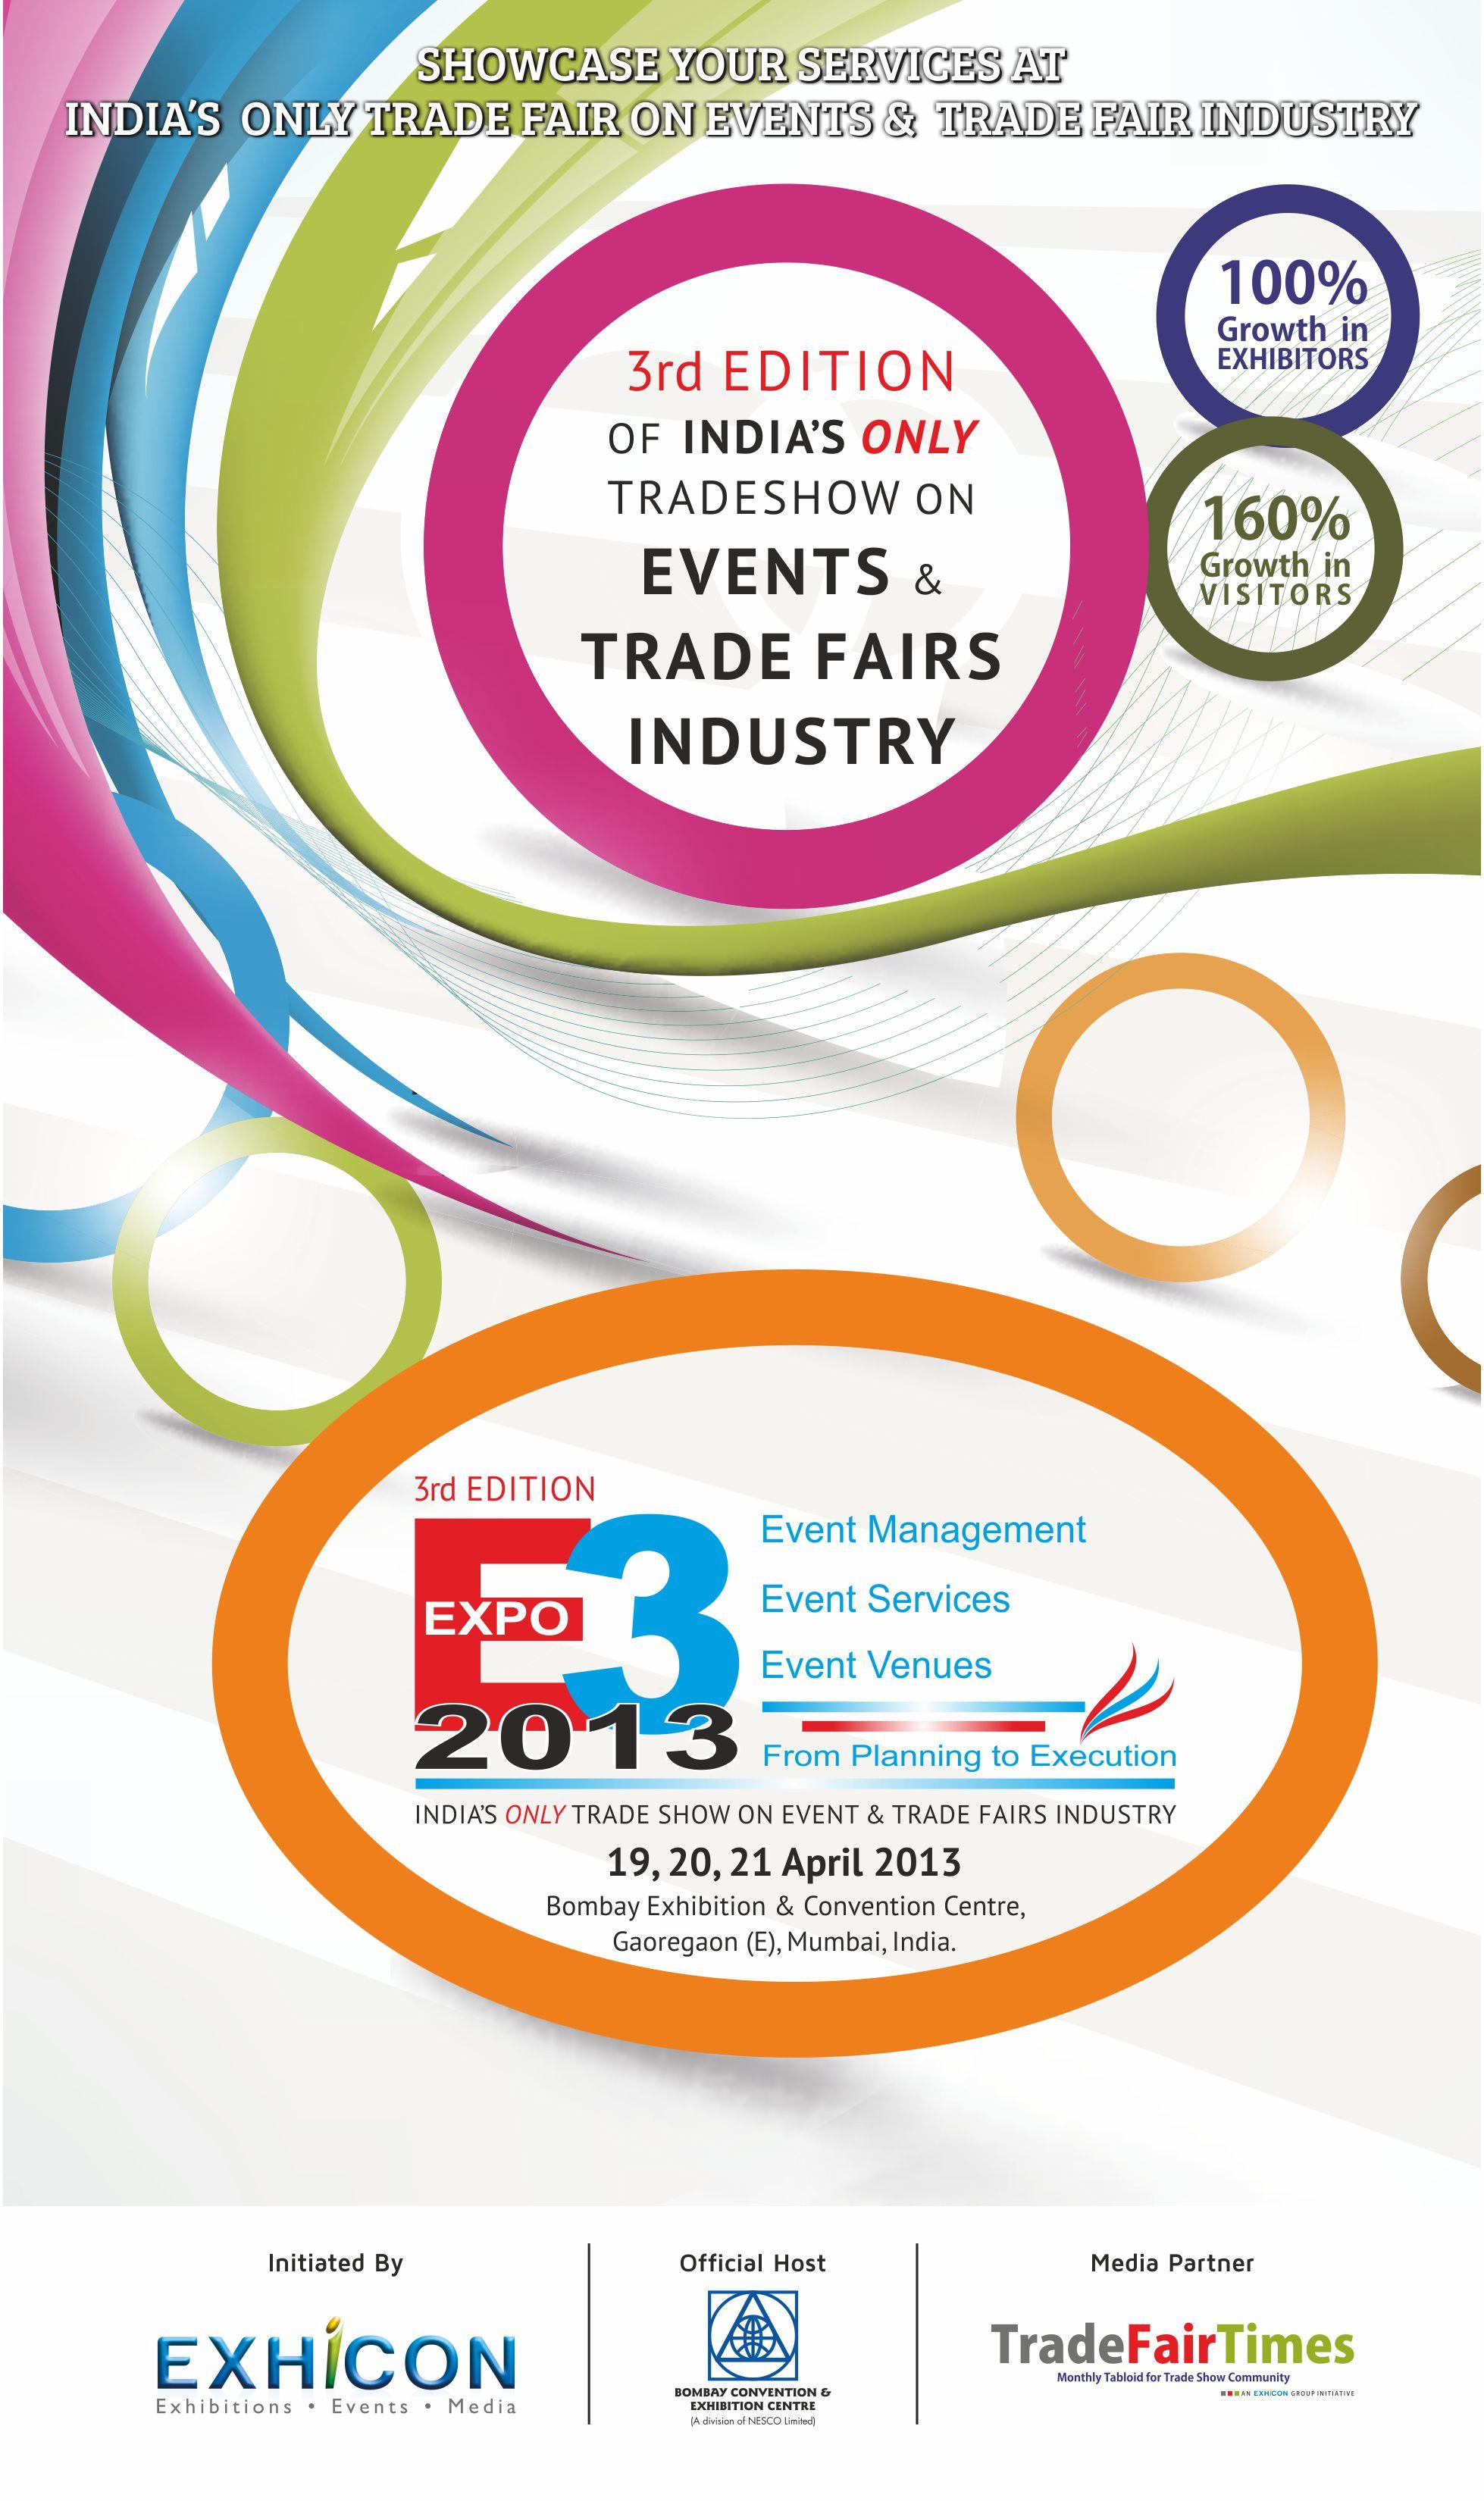 E3 Expo 2013